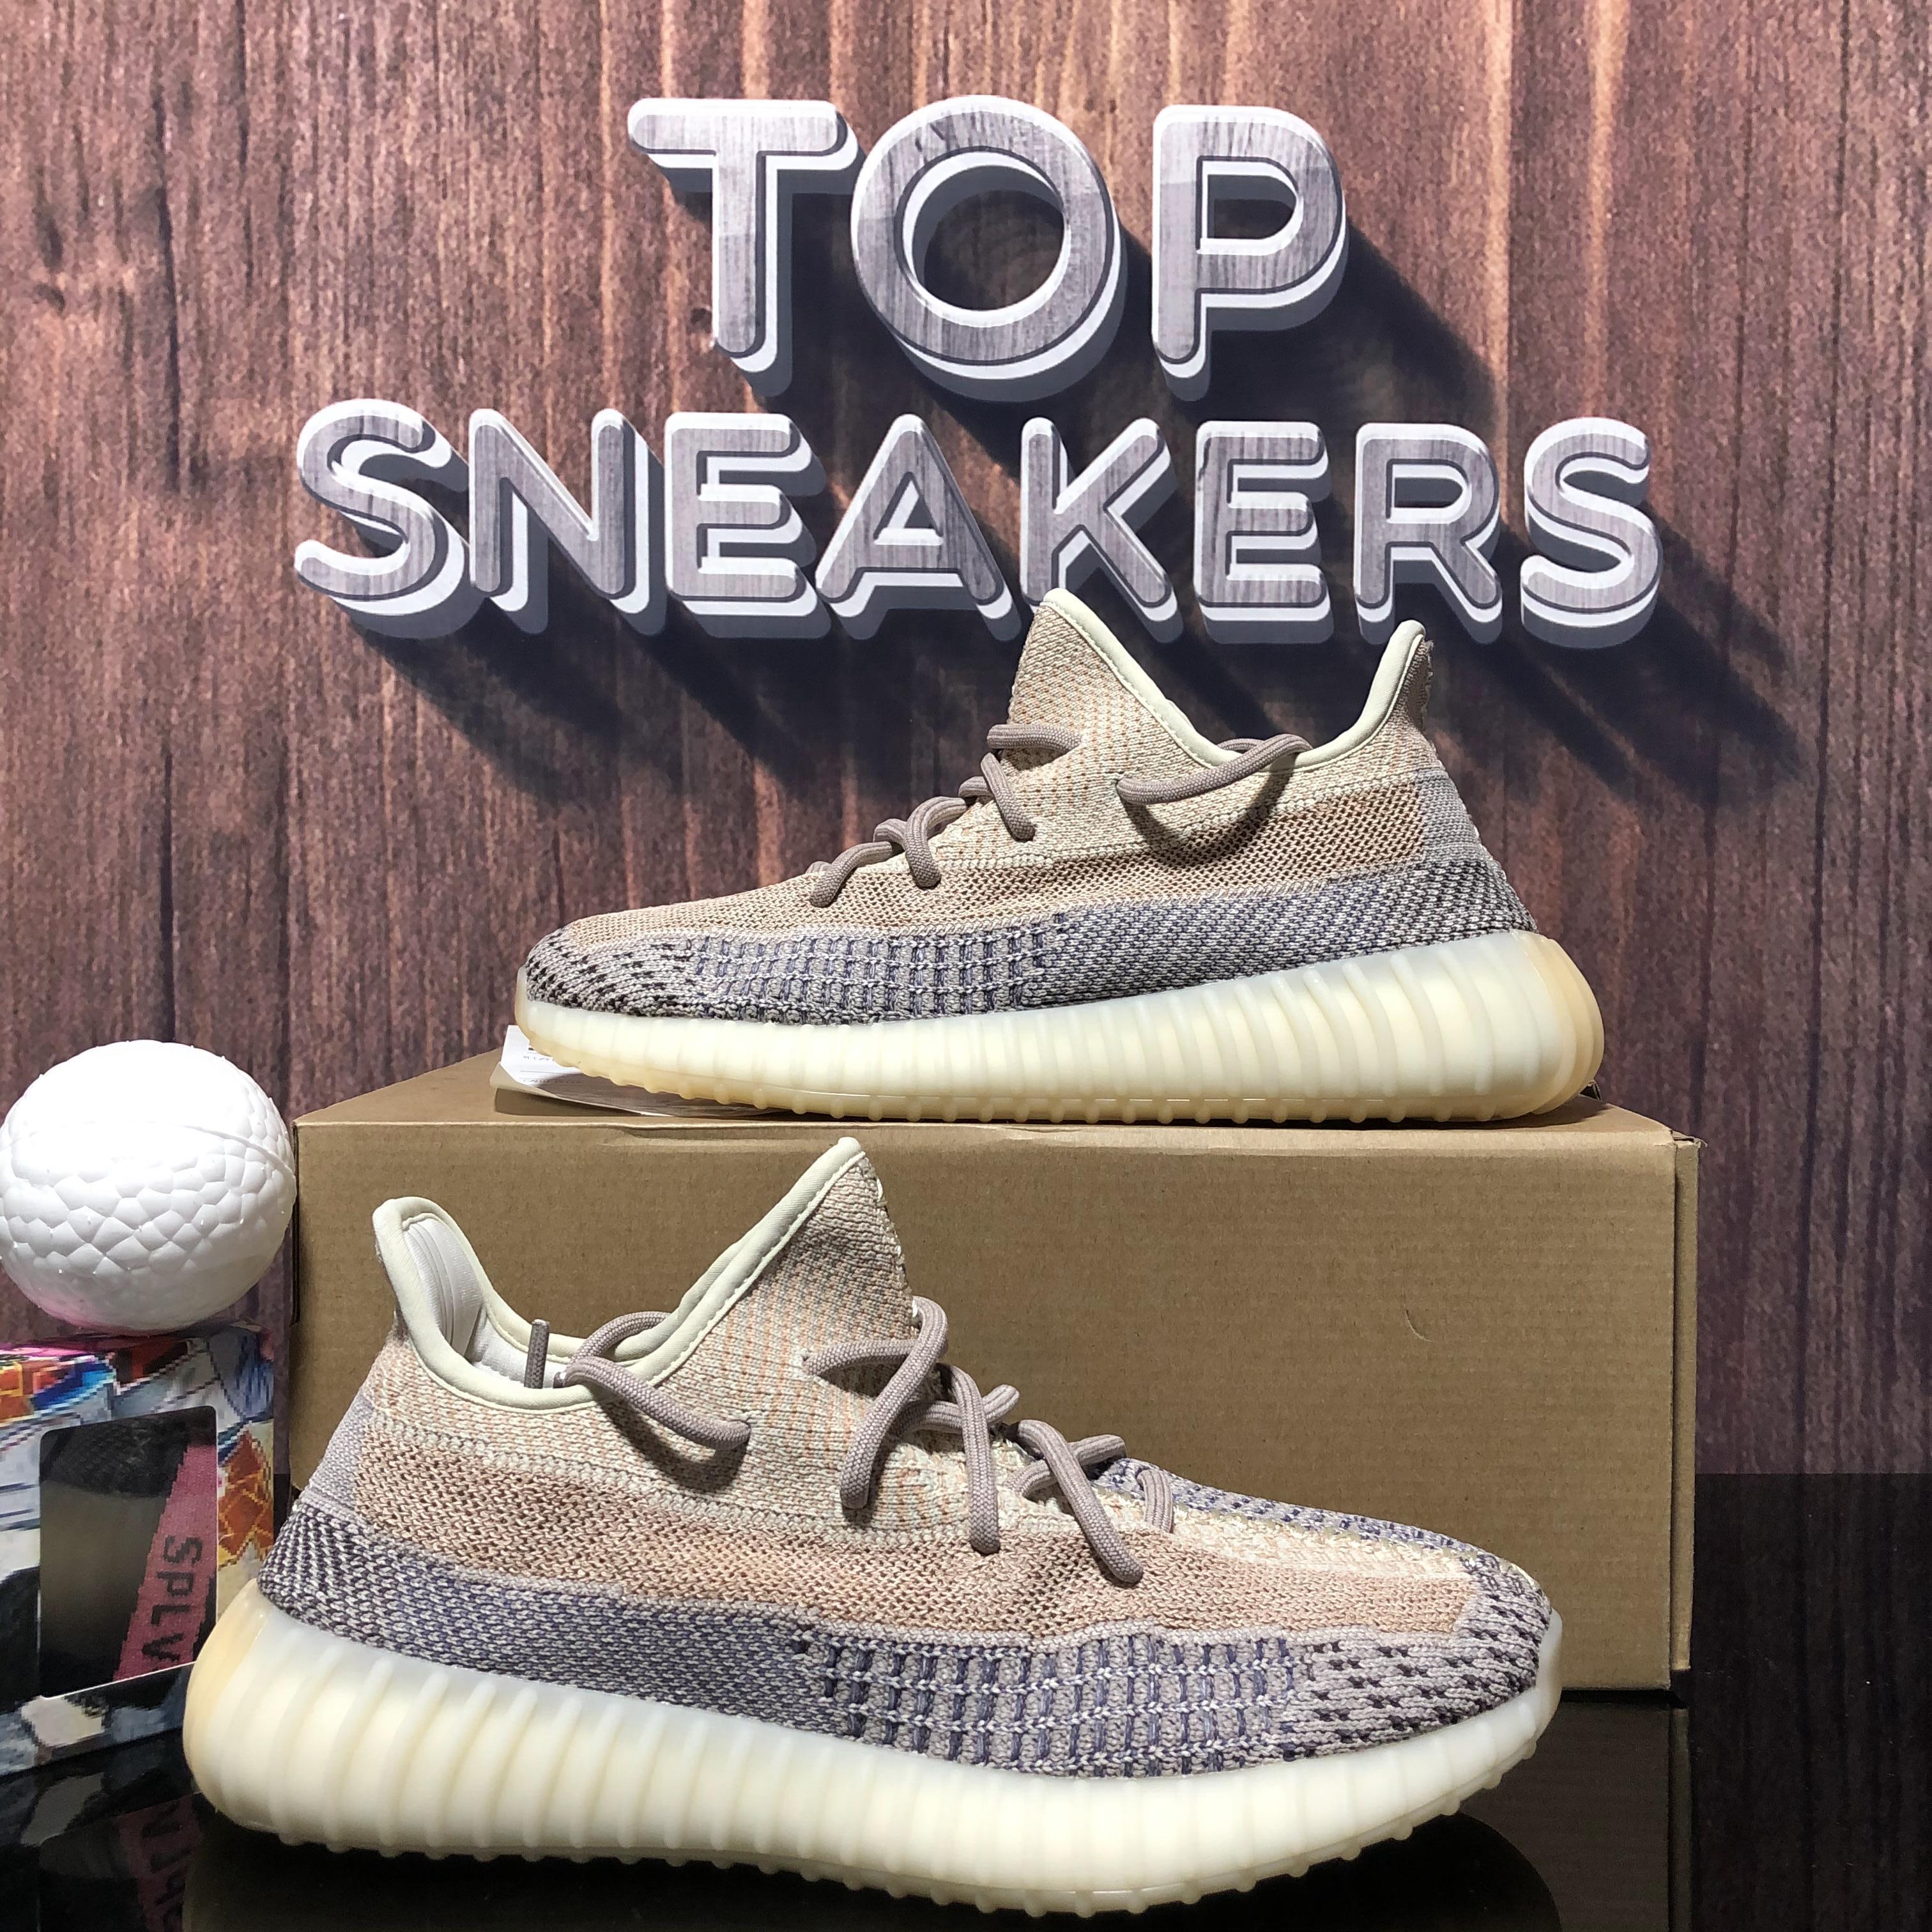 En Kaliteli Erkekler Kadın Tasarımcı Örgü Boost Koşu Ayakkabıları Inci Kültür Beluga Kuyruk Işık Siyah Statik Yansıtıcı Nefes Açık Platformu Antrenör Sneaker Kutusu Ile